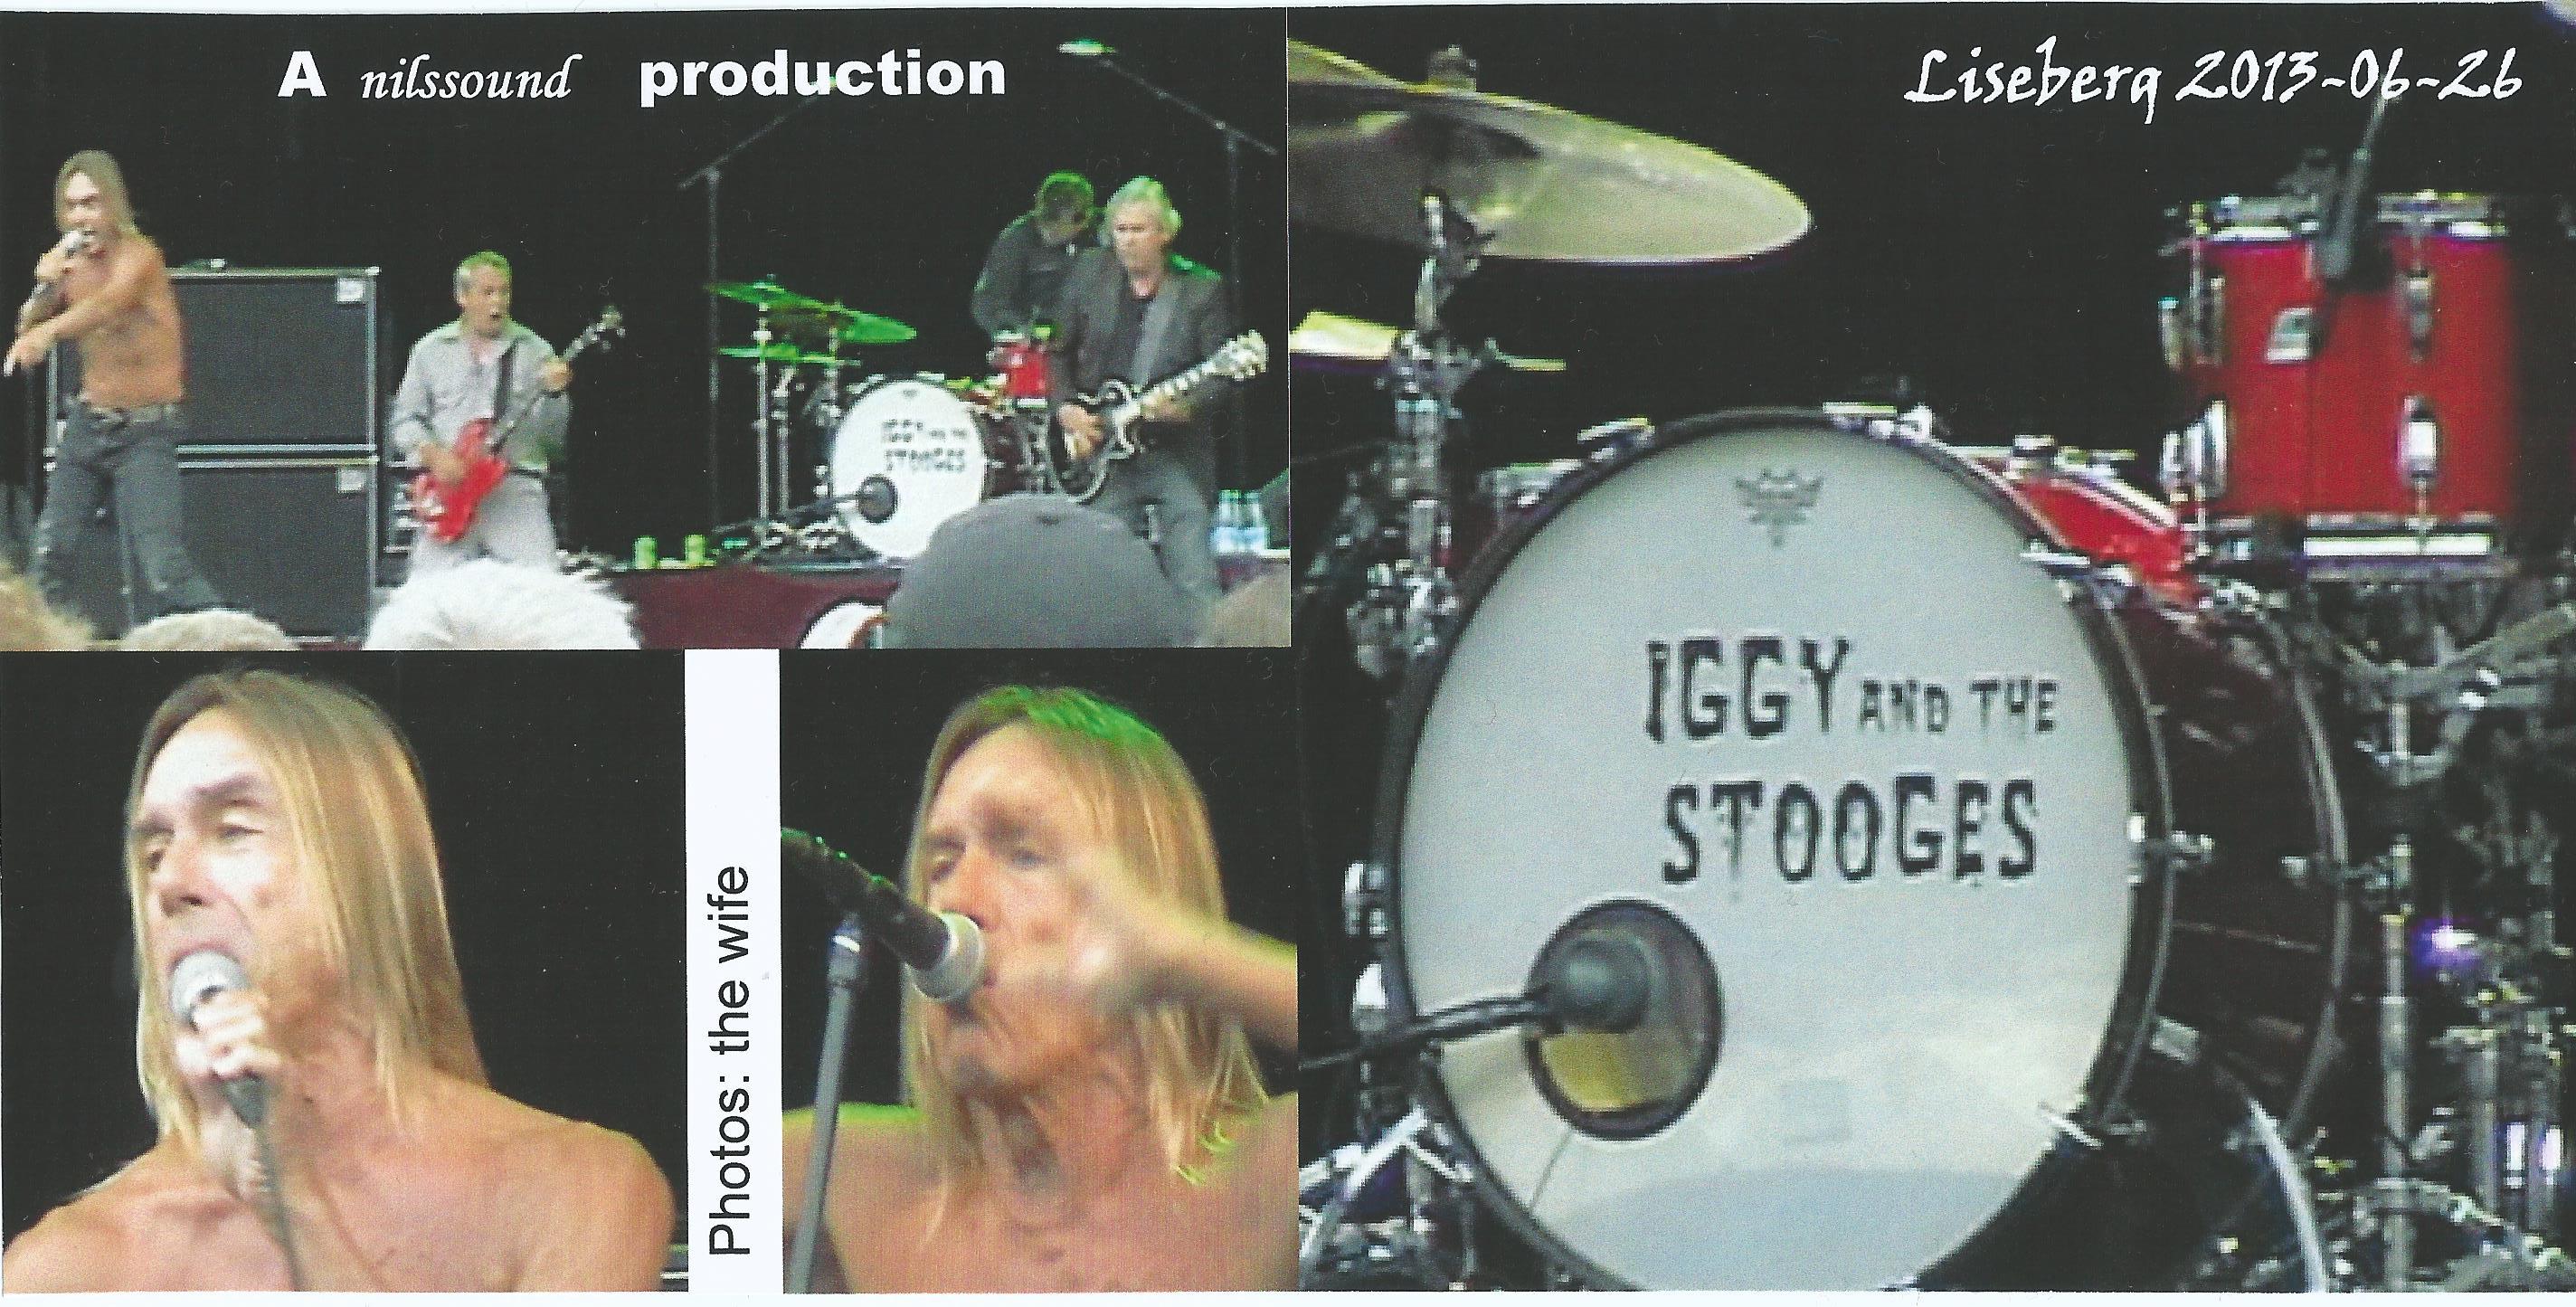 IggyAndTheStooges2013-06-26StoraScenenGothenburgSweden.jpg